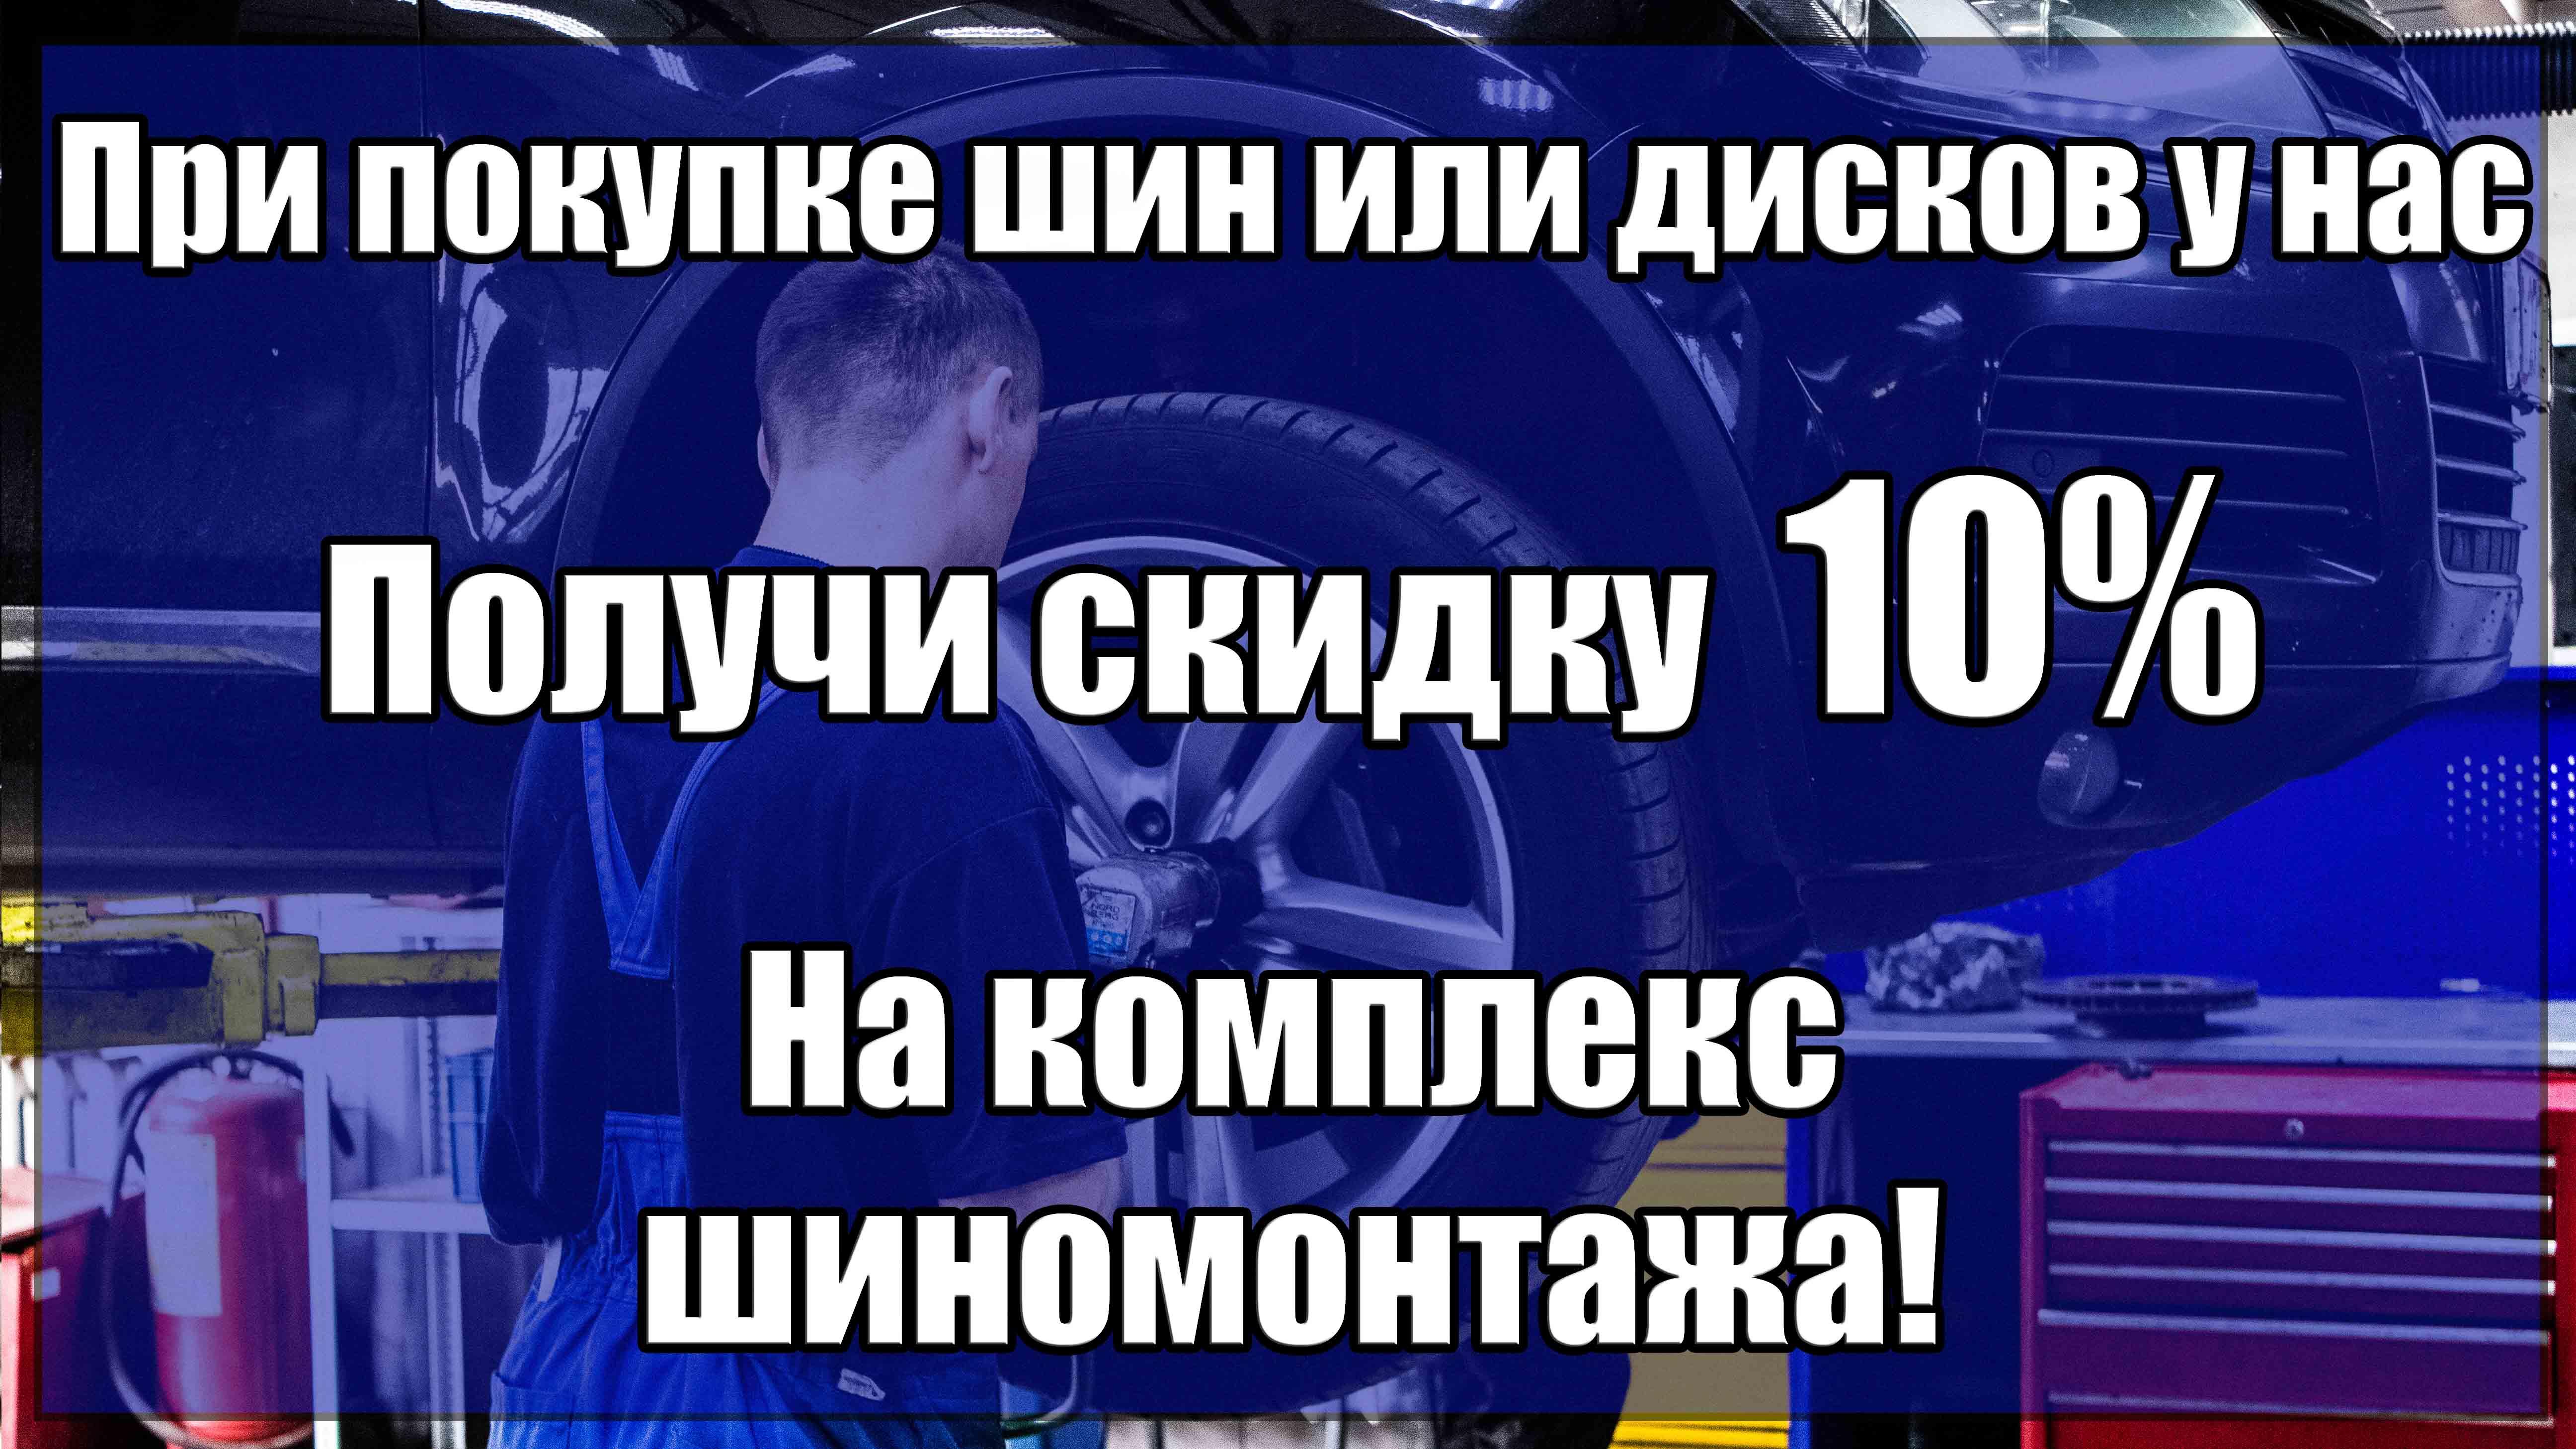 шиномонтаж Видное